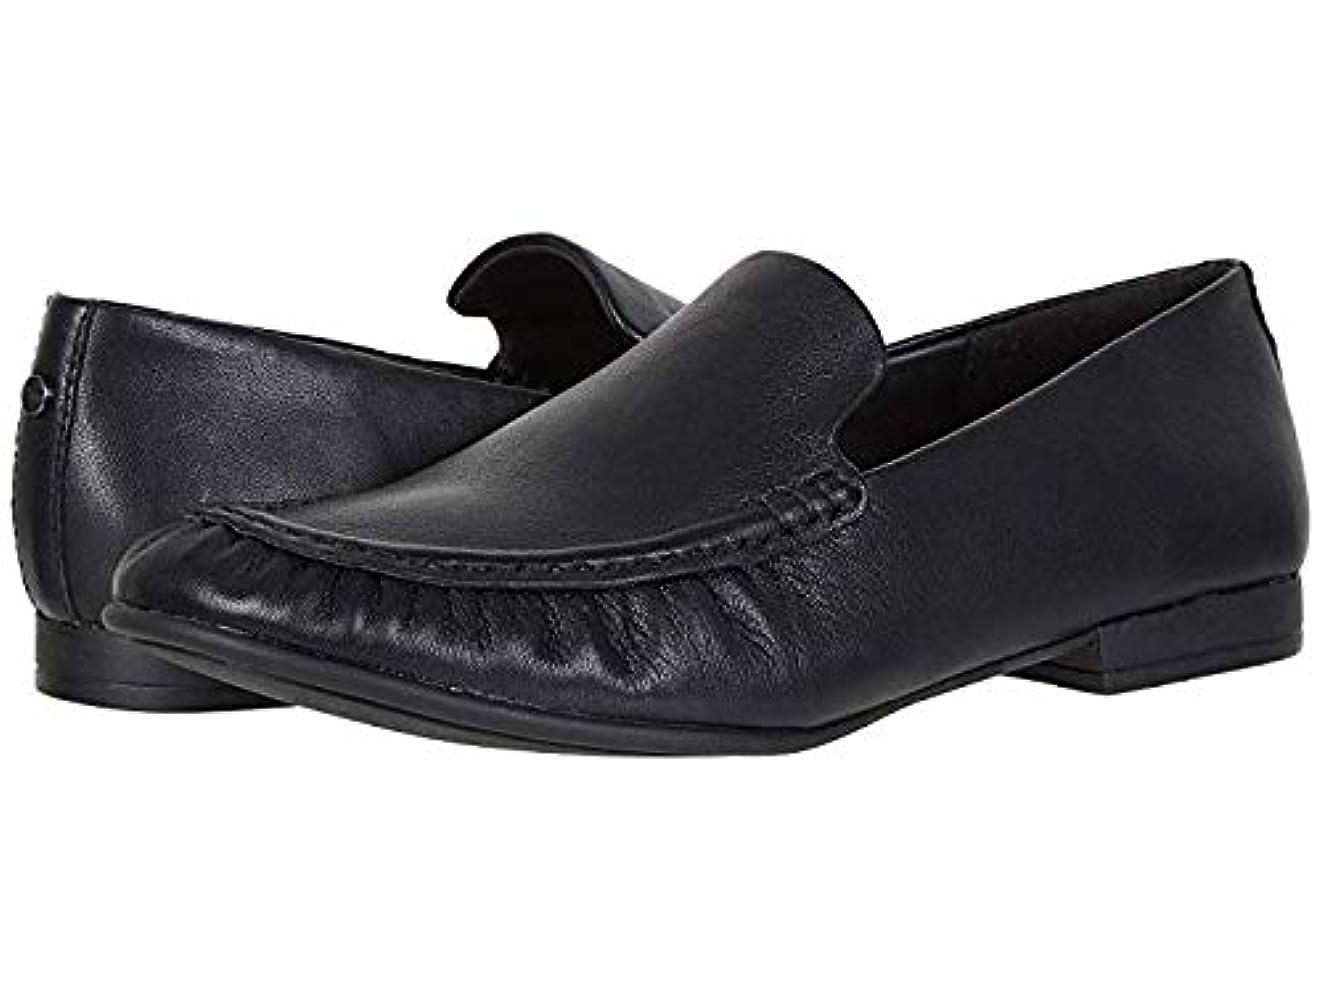 芽少ないアドバンテージレディースローファー?靴 Vivian Black (28.5cm) B - Medium [並行輸入品]